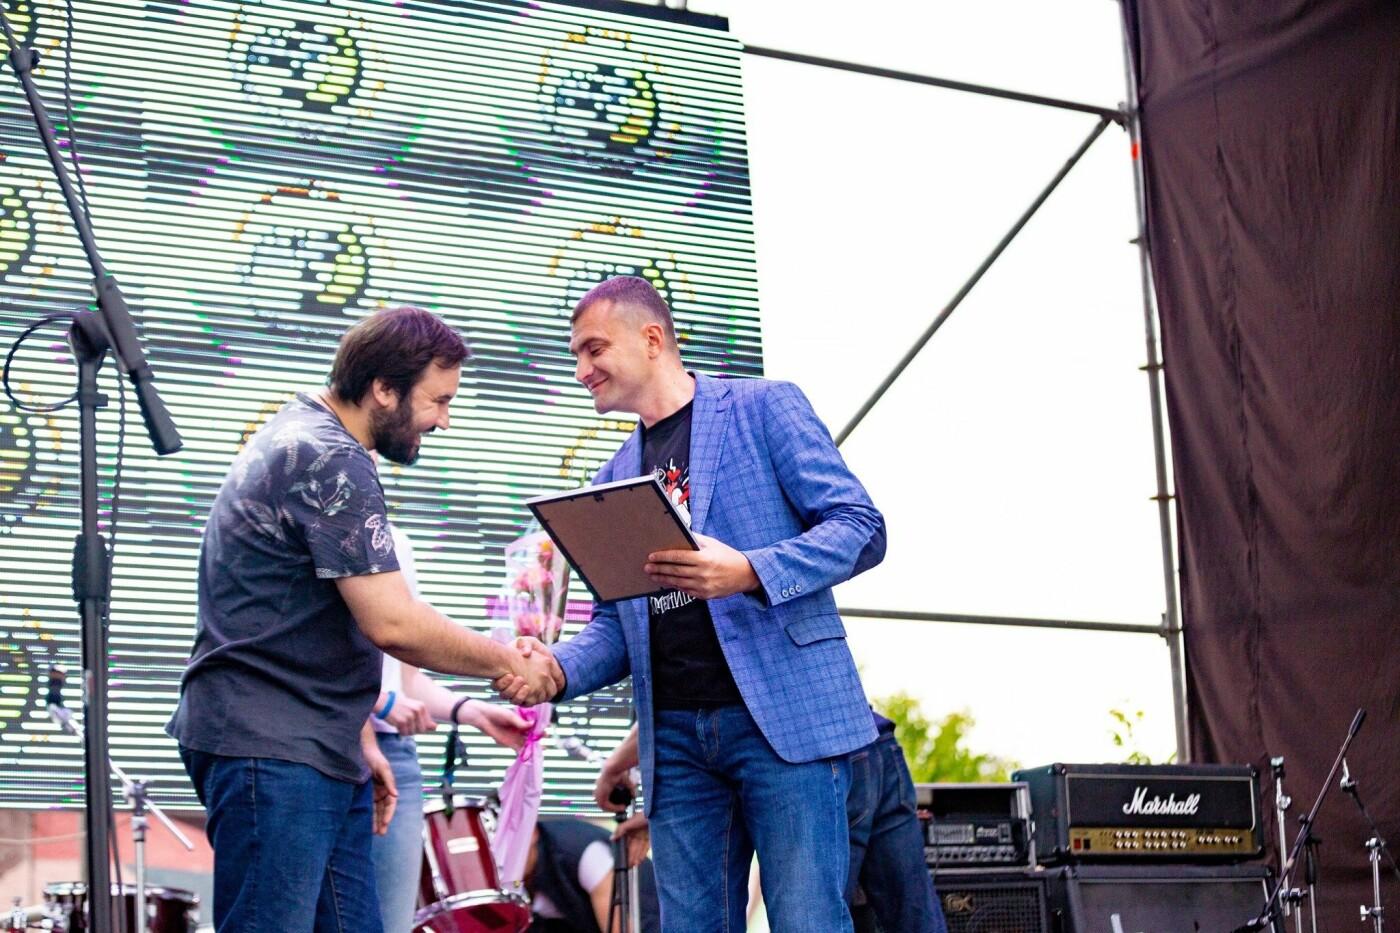 У Хмельницькому пройшов молодіжний фестиваль до Дня Молоді (фото), фото-6